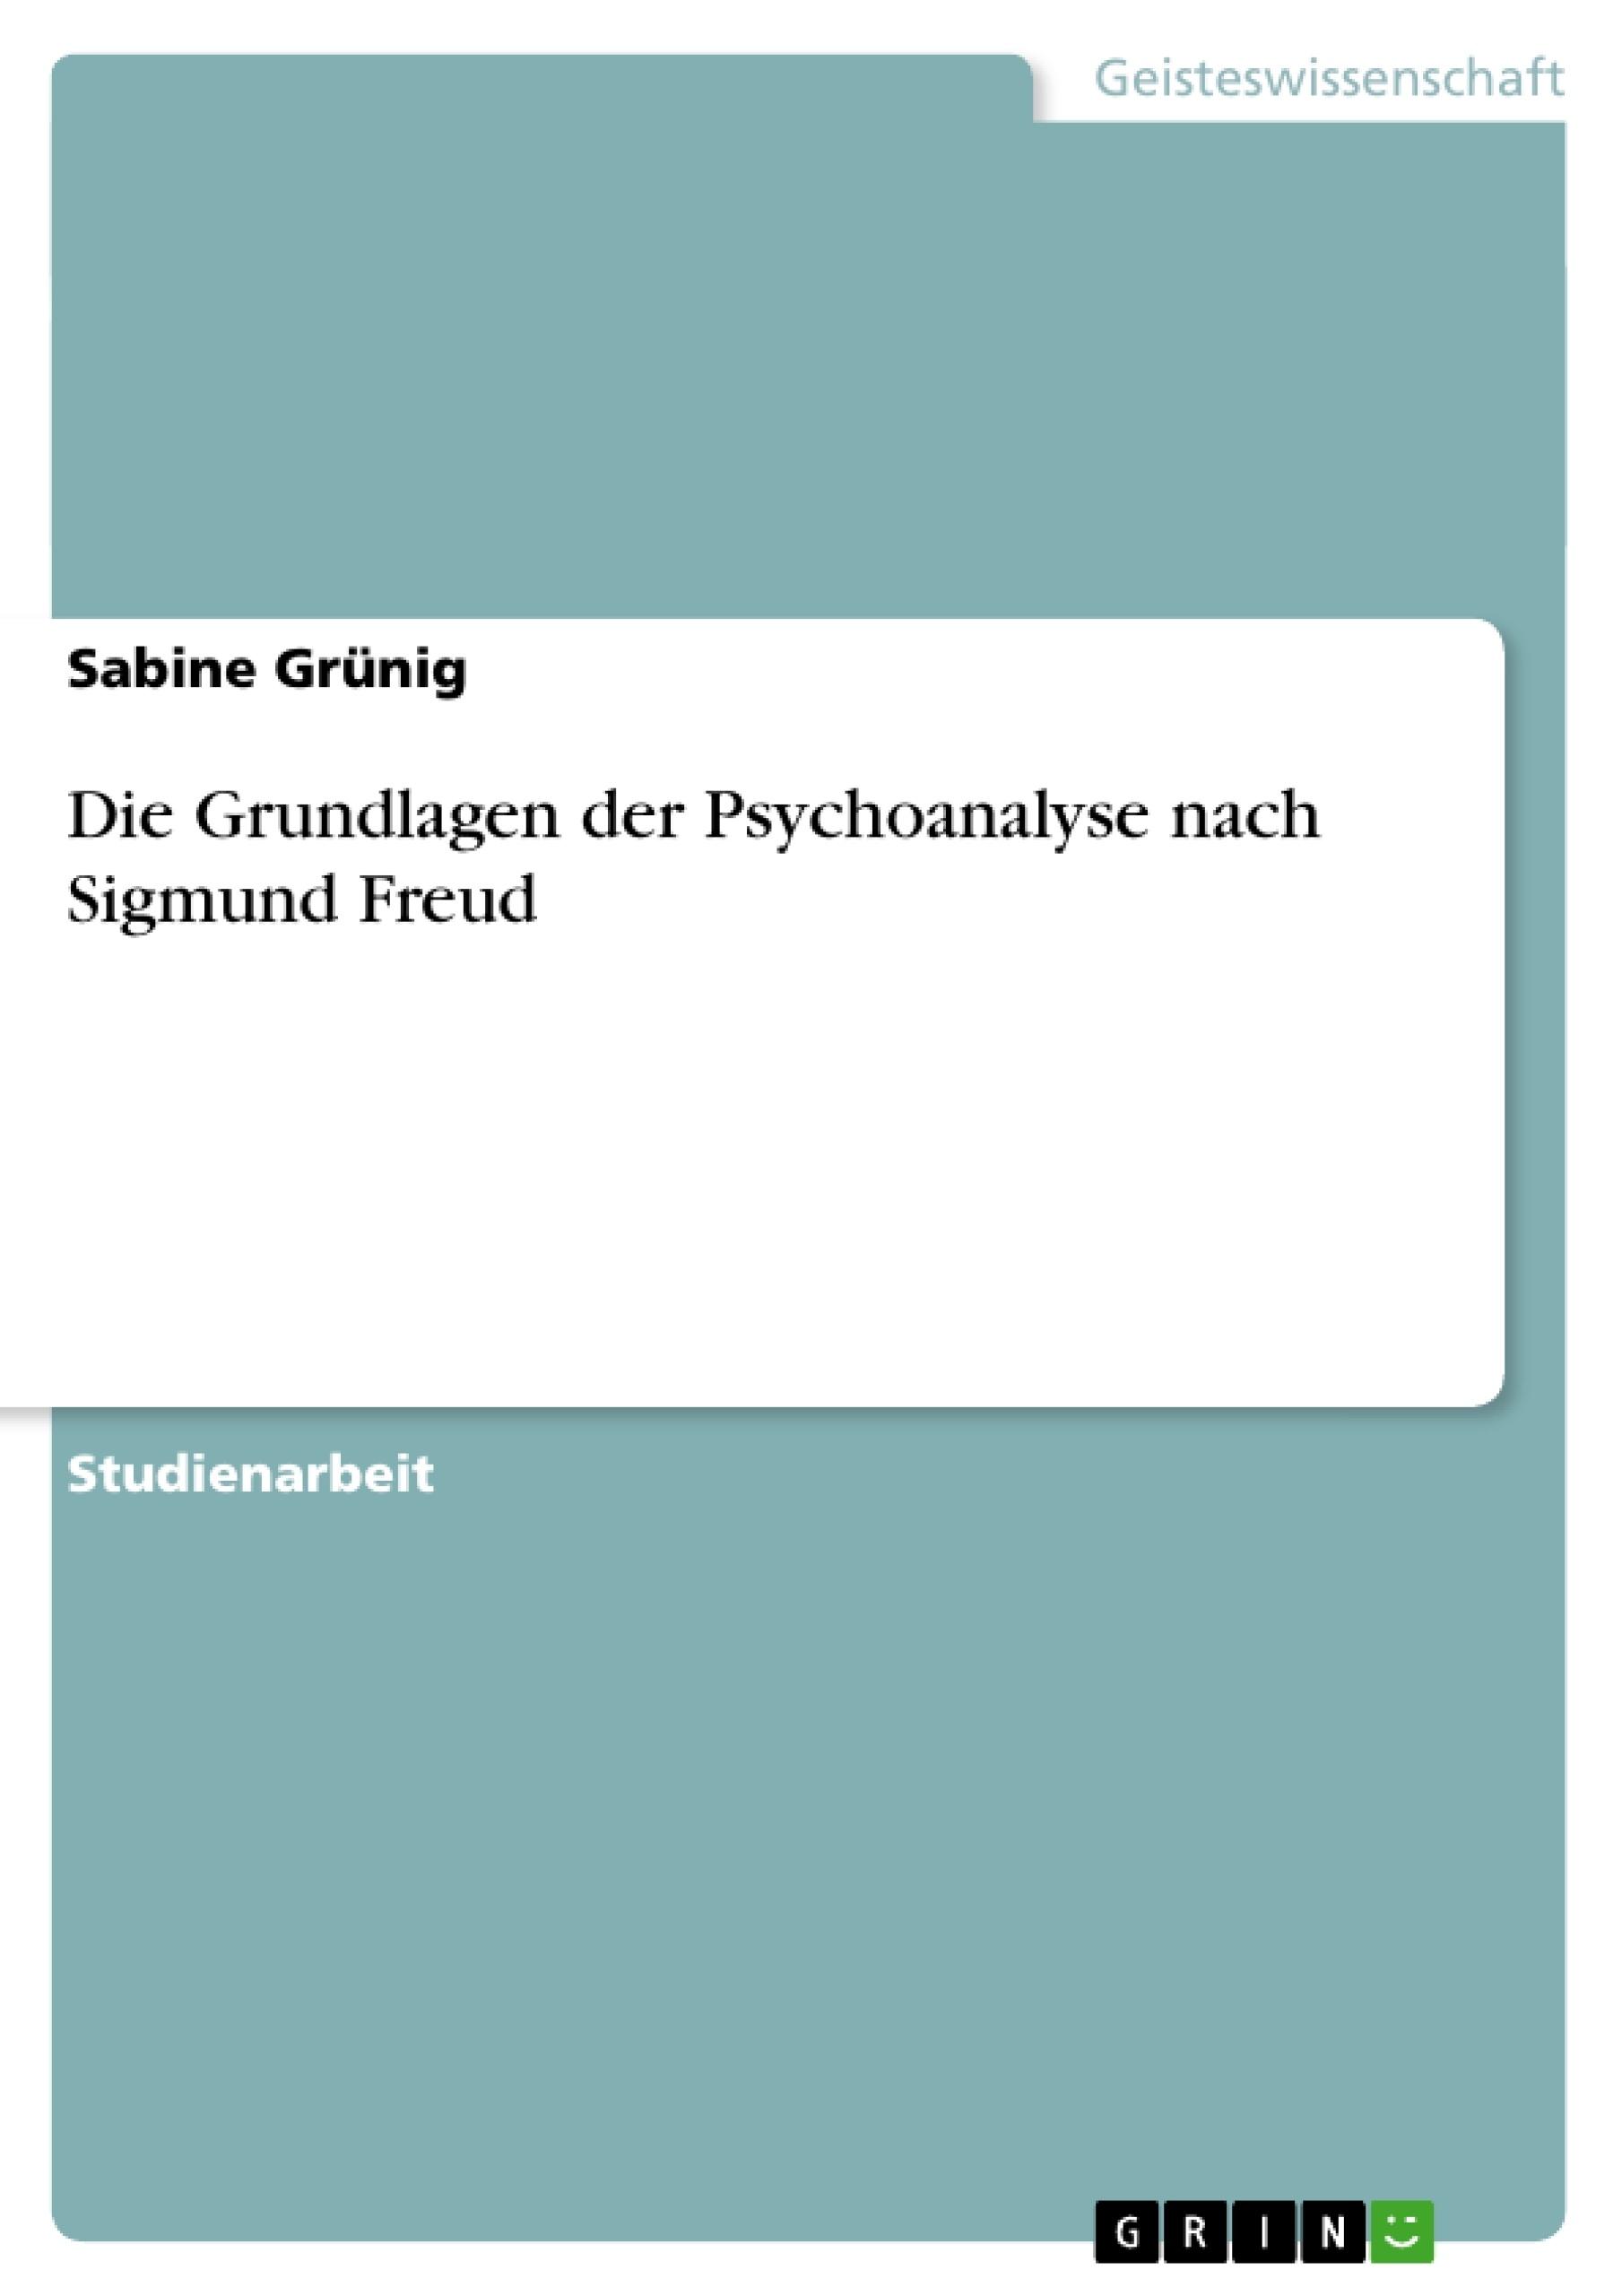 Titel: Die Grundlagen der Psychoanalyse nach Sigmund Freud